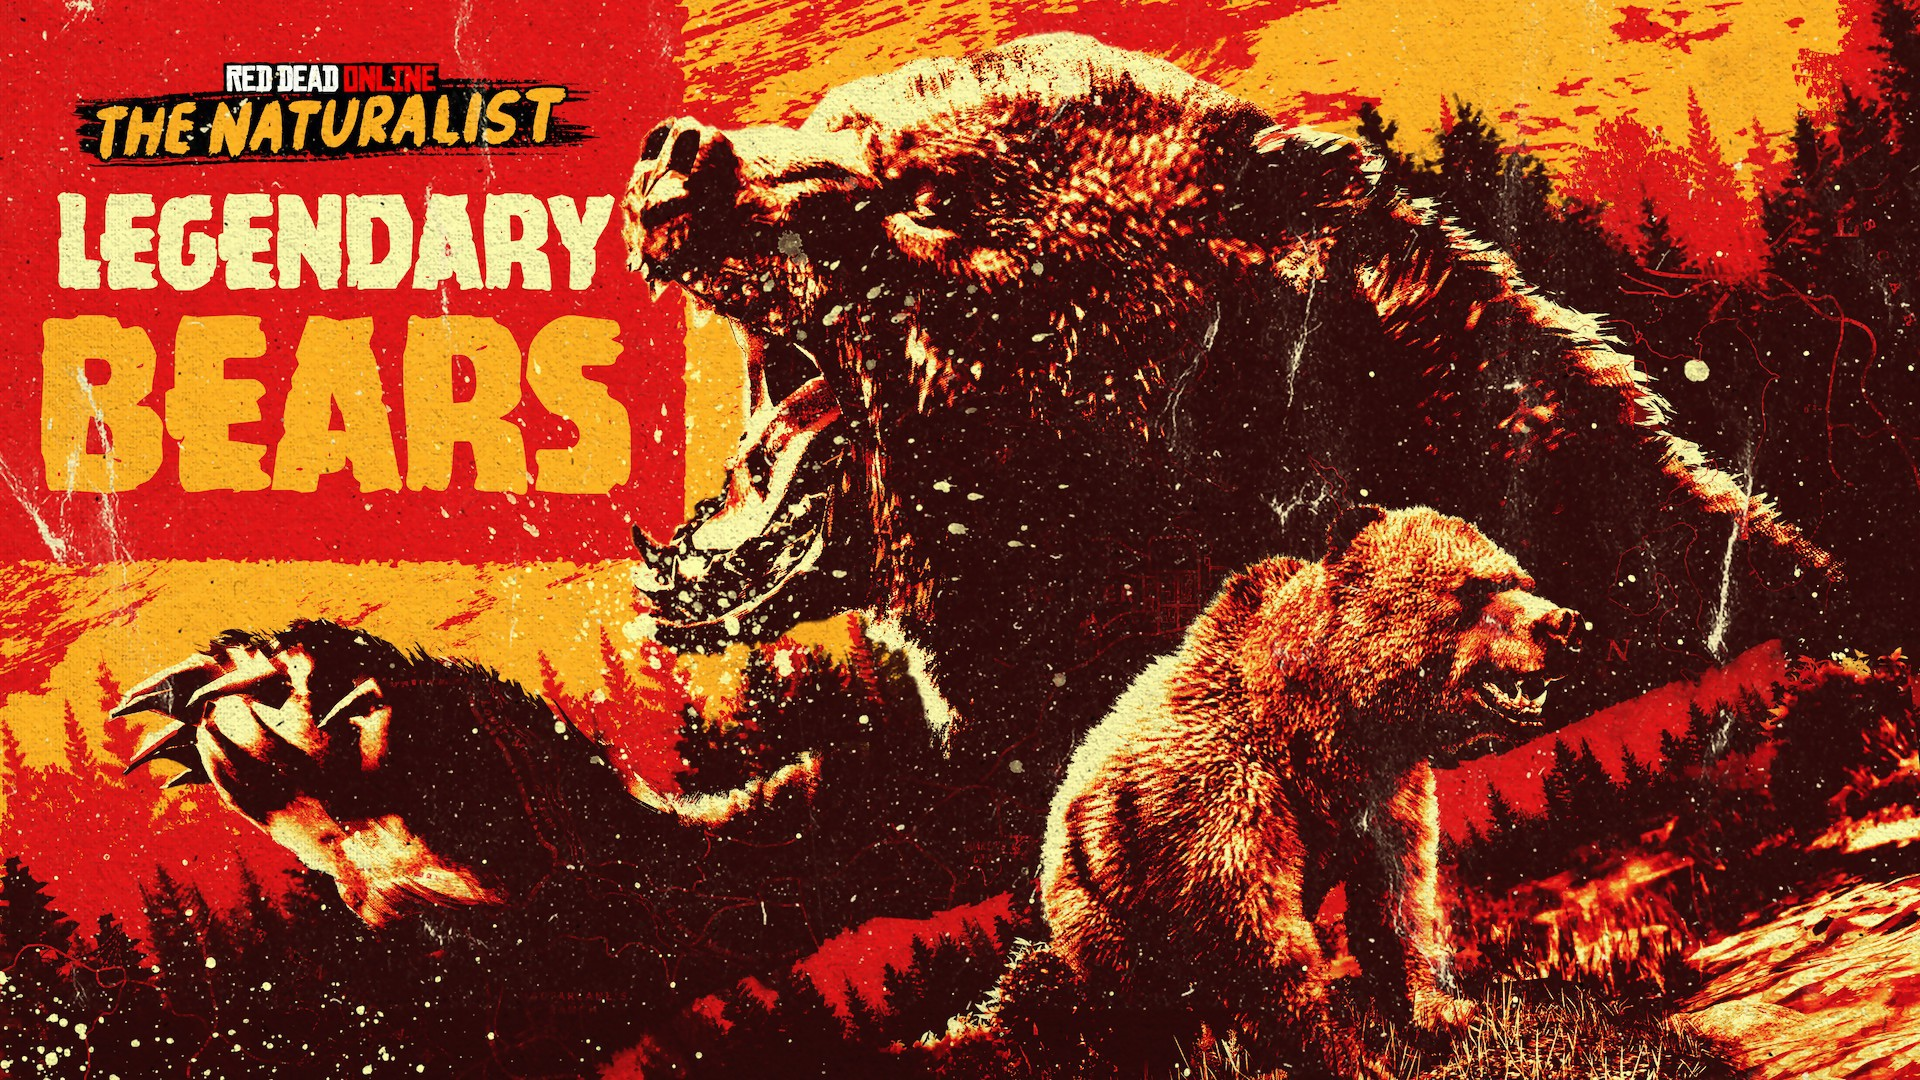 Red Dead Online, novedades de la semana: llegan los osos legendarios, nuevos descuentos y recompensas